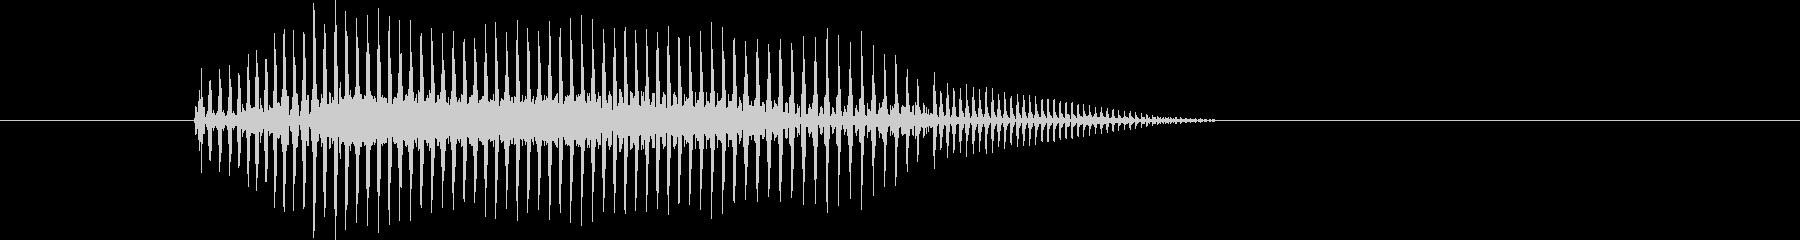 ブゥ~ィ?(オナラの疑問形)の未再生の波形